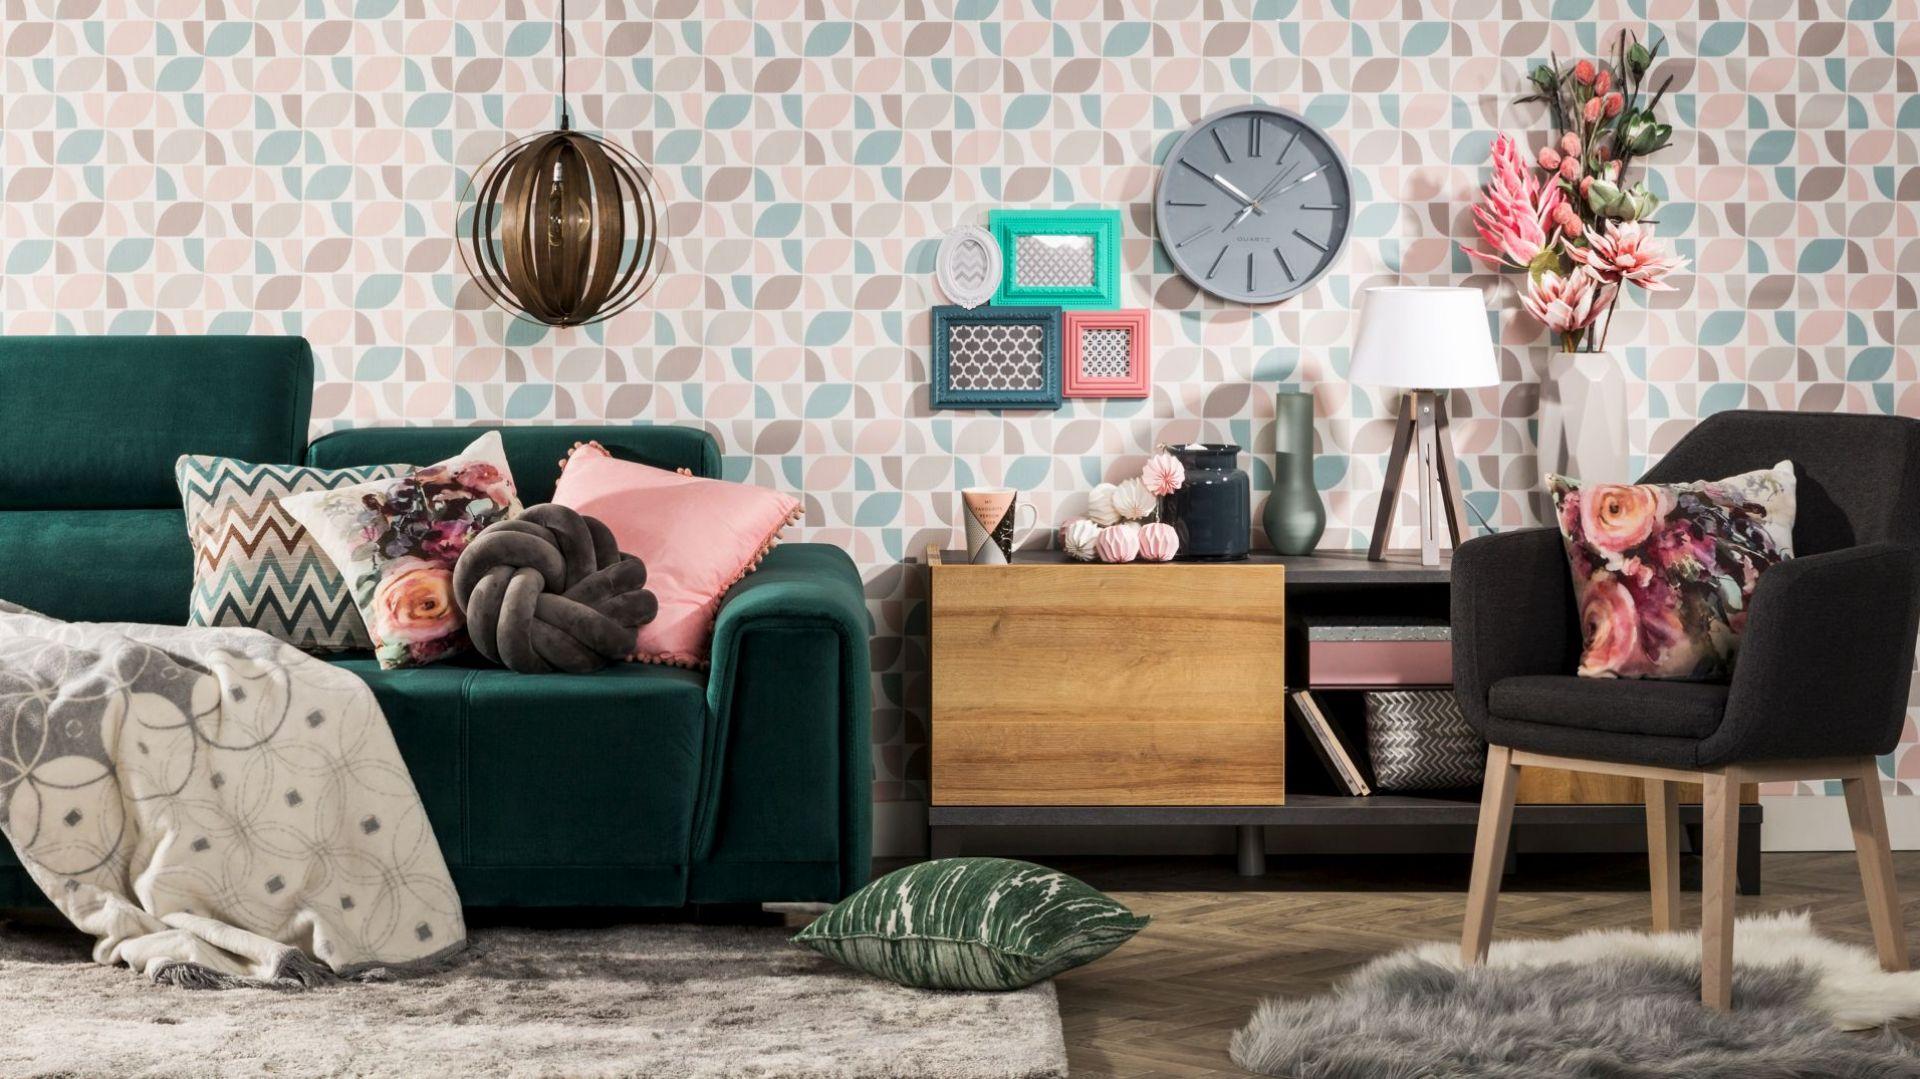 Aranżacja mieszkania - radzimy, jak łączyć wzory we wnętrzach. Fot. Agata S.A.